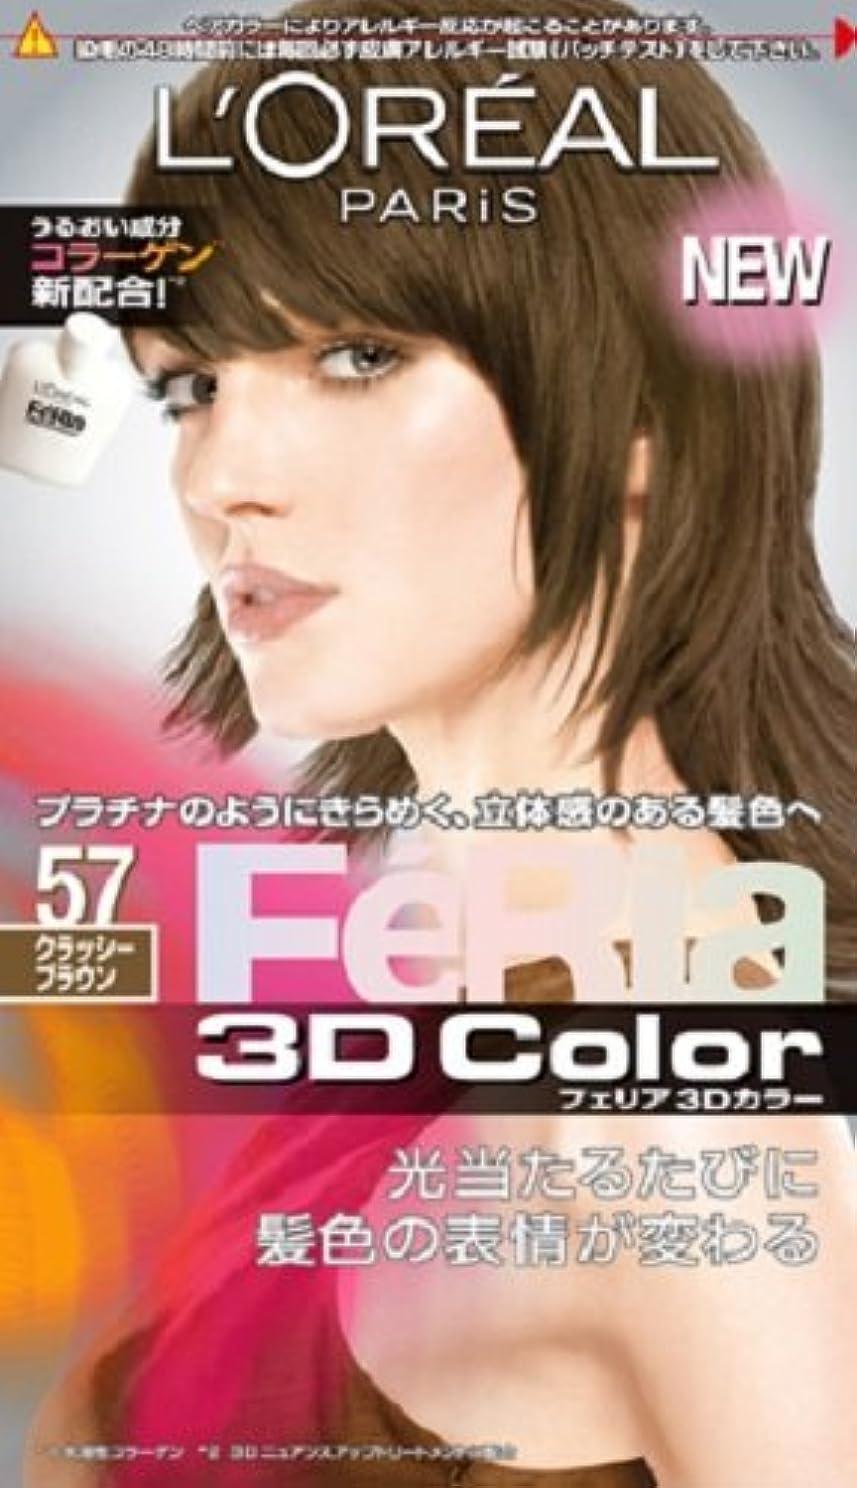 屈辱するタイトルのみ【まとめ買い】フェリア 3Dカラー57 クラッシーブラウン ×2セット